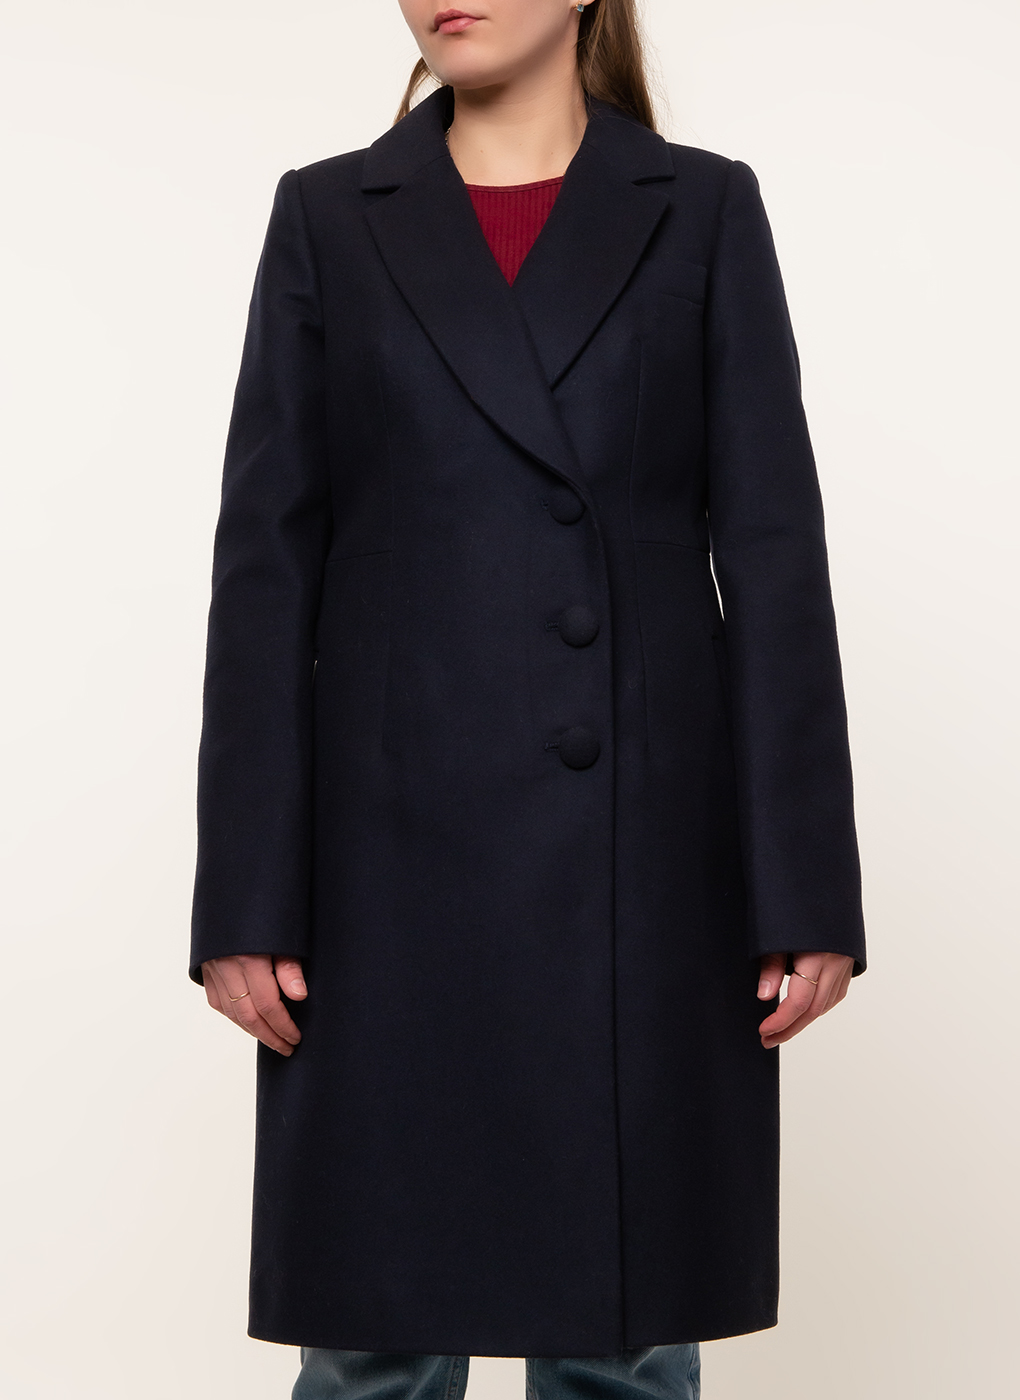 Пальто приталенное шерстяное 81, idekka фото